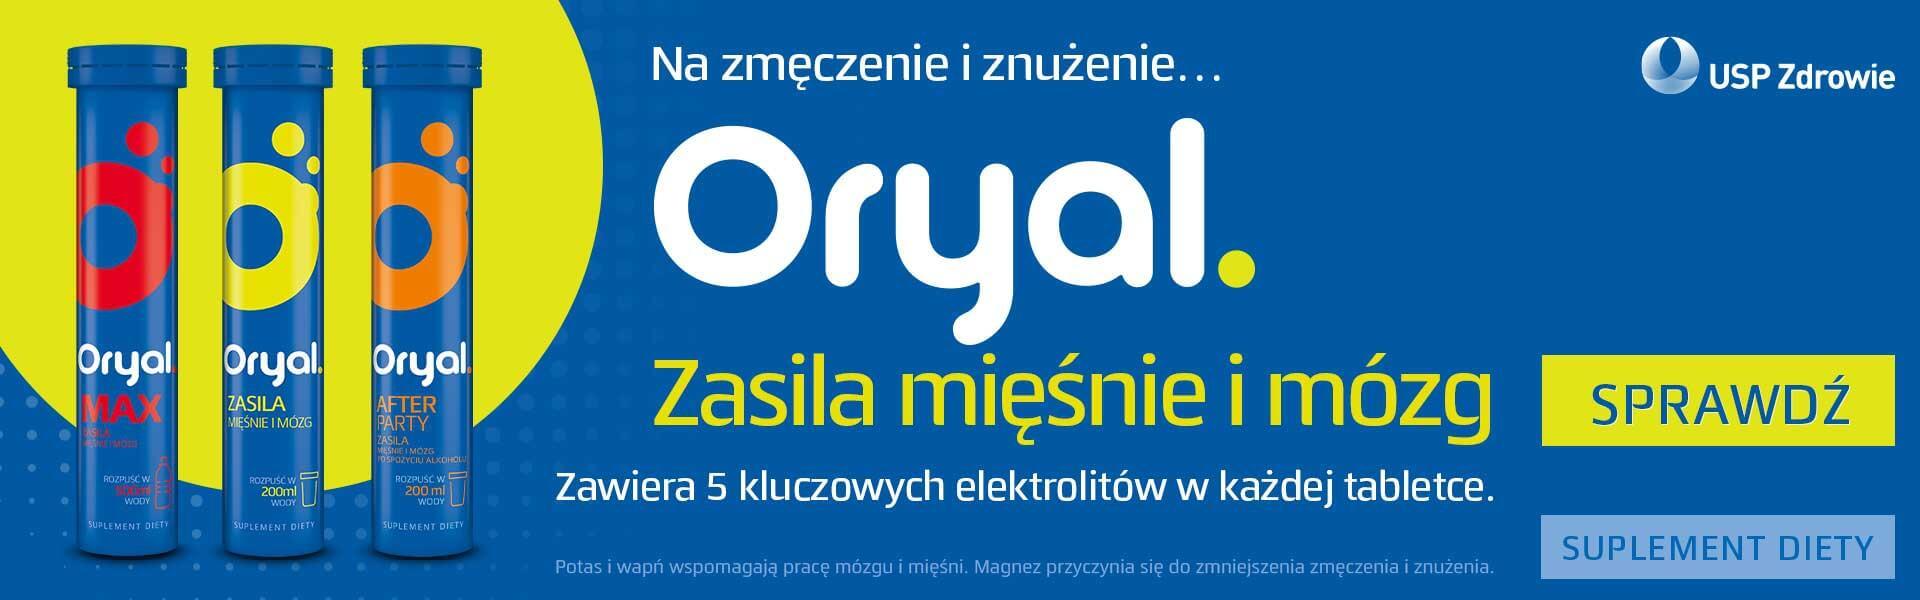 2907-oryal-paralaxa-usp